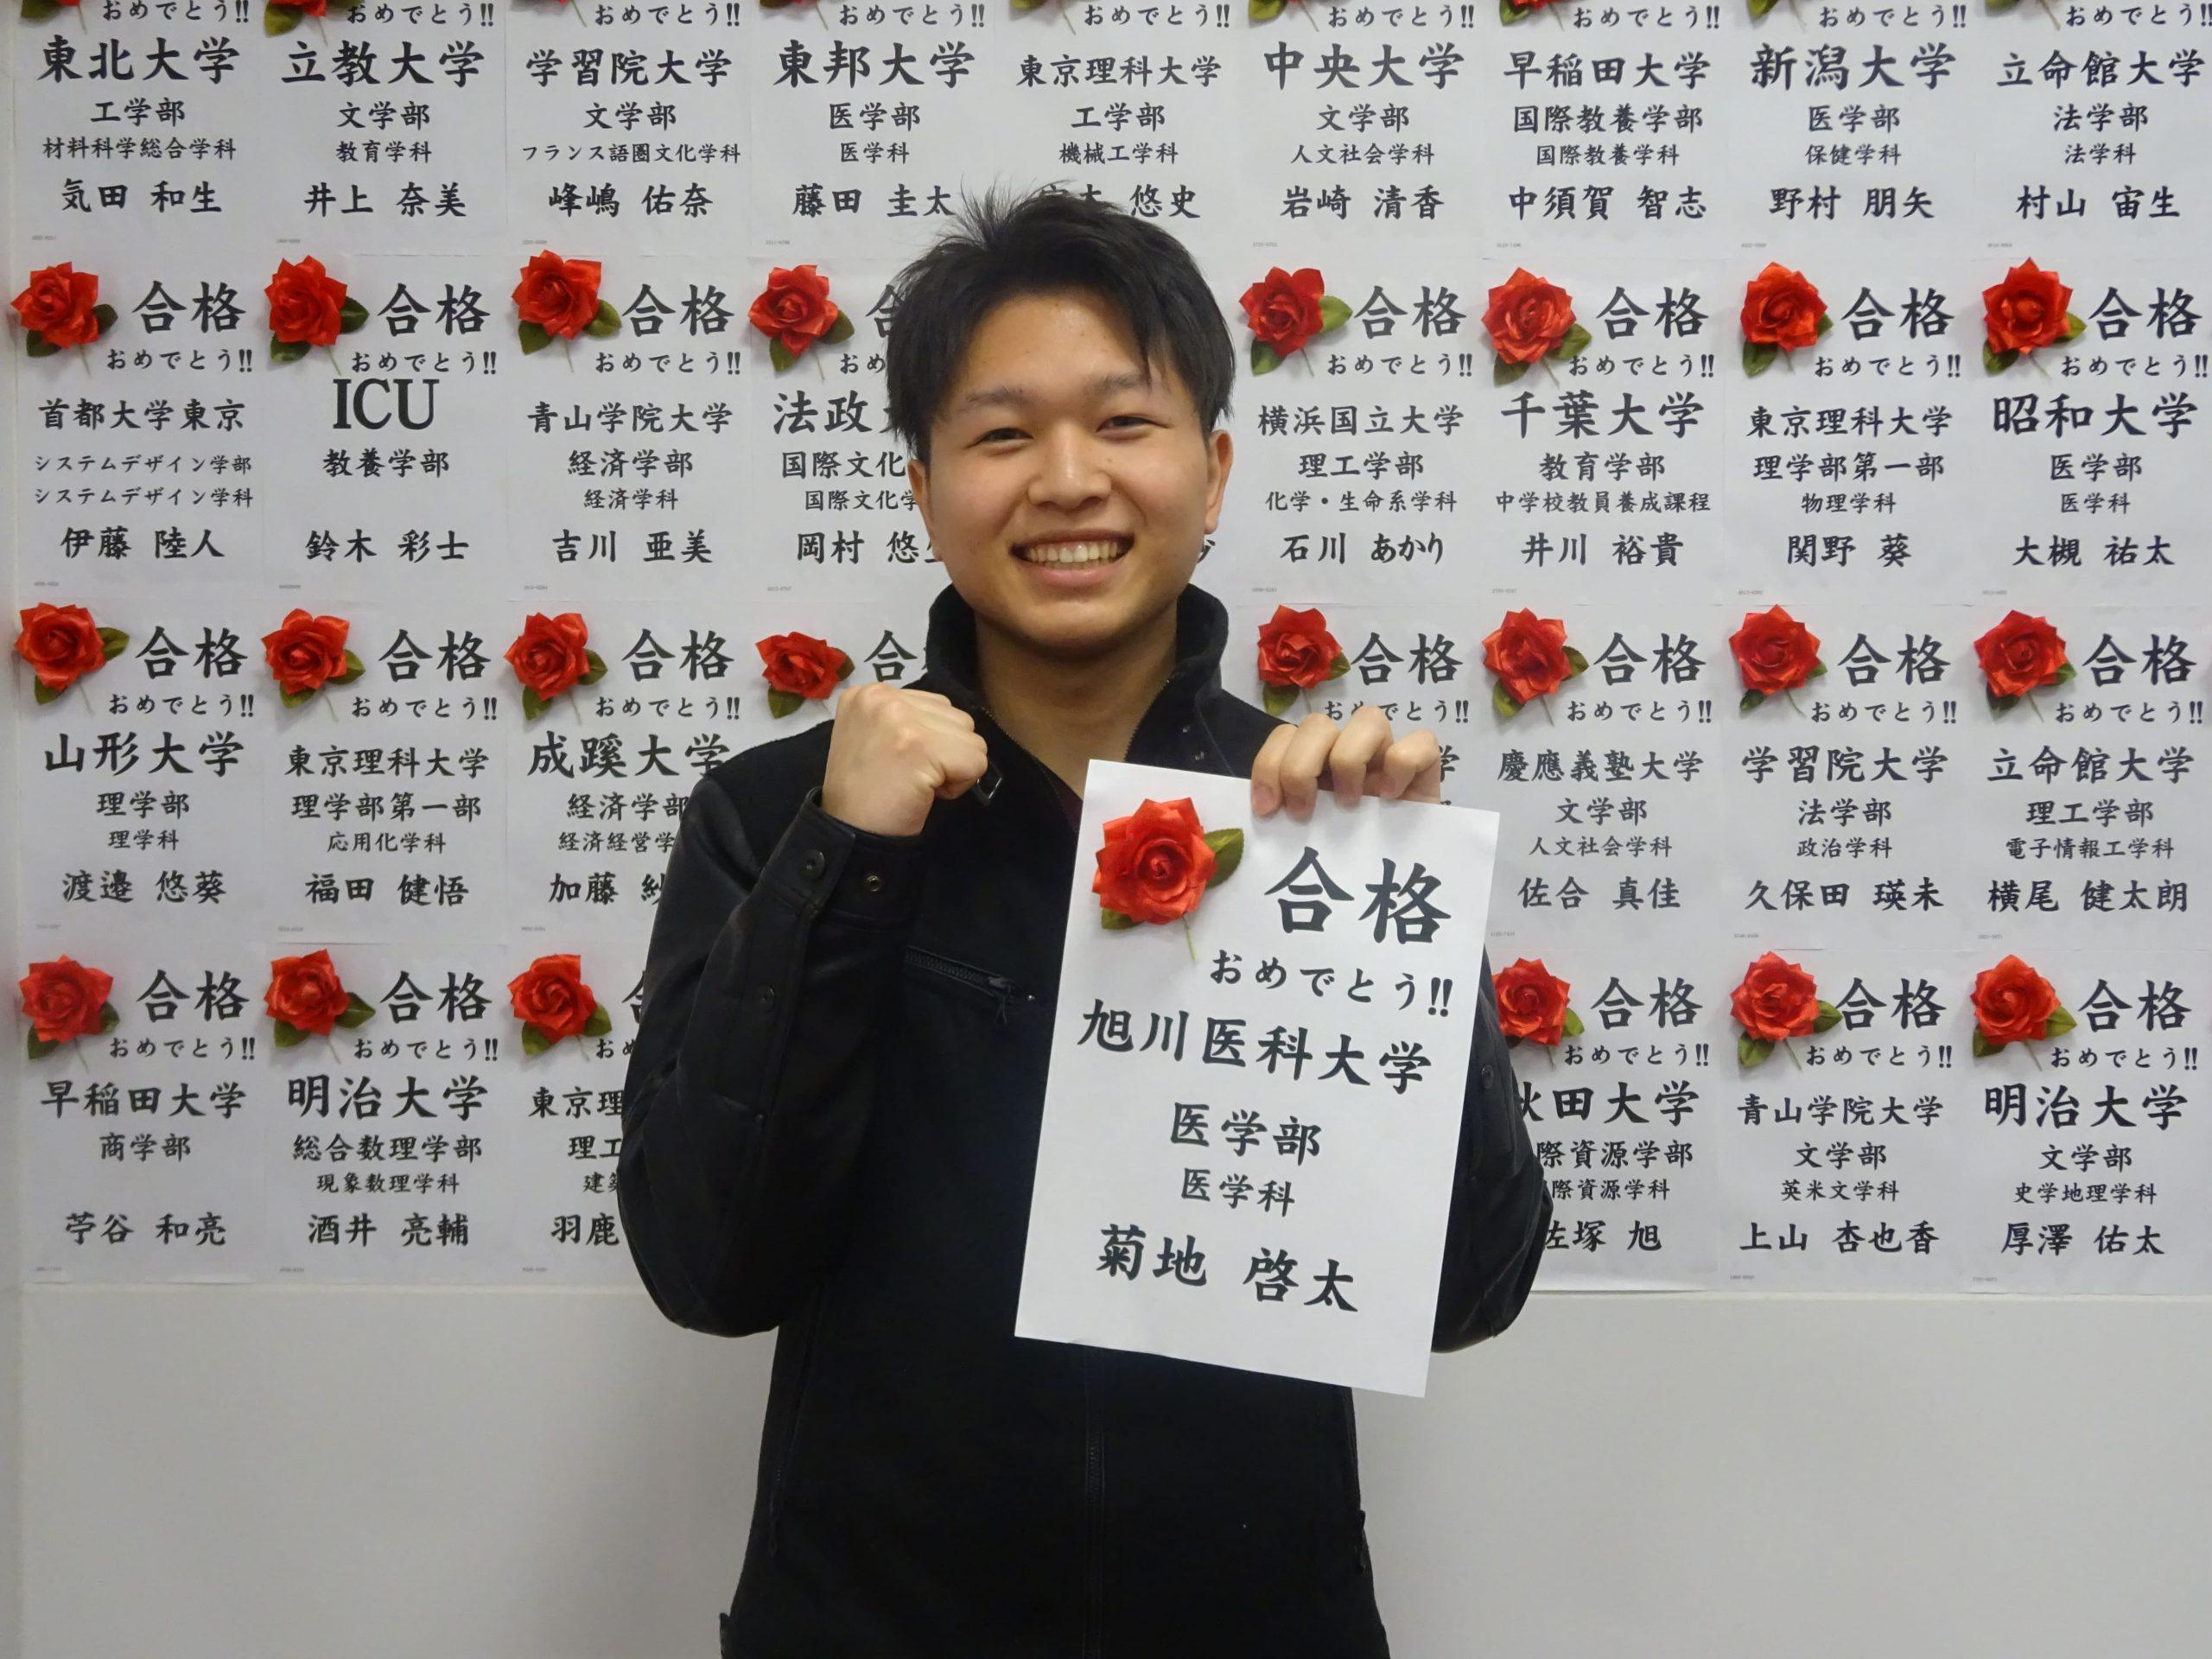 旭川医科大学合格者1